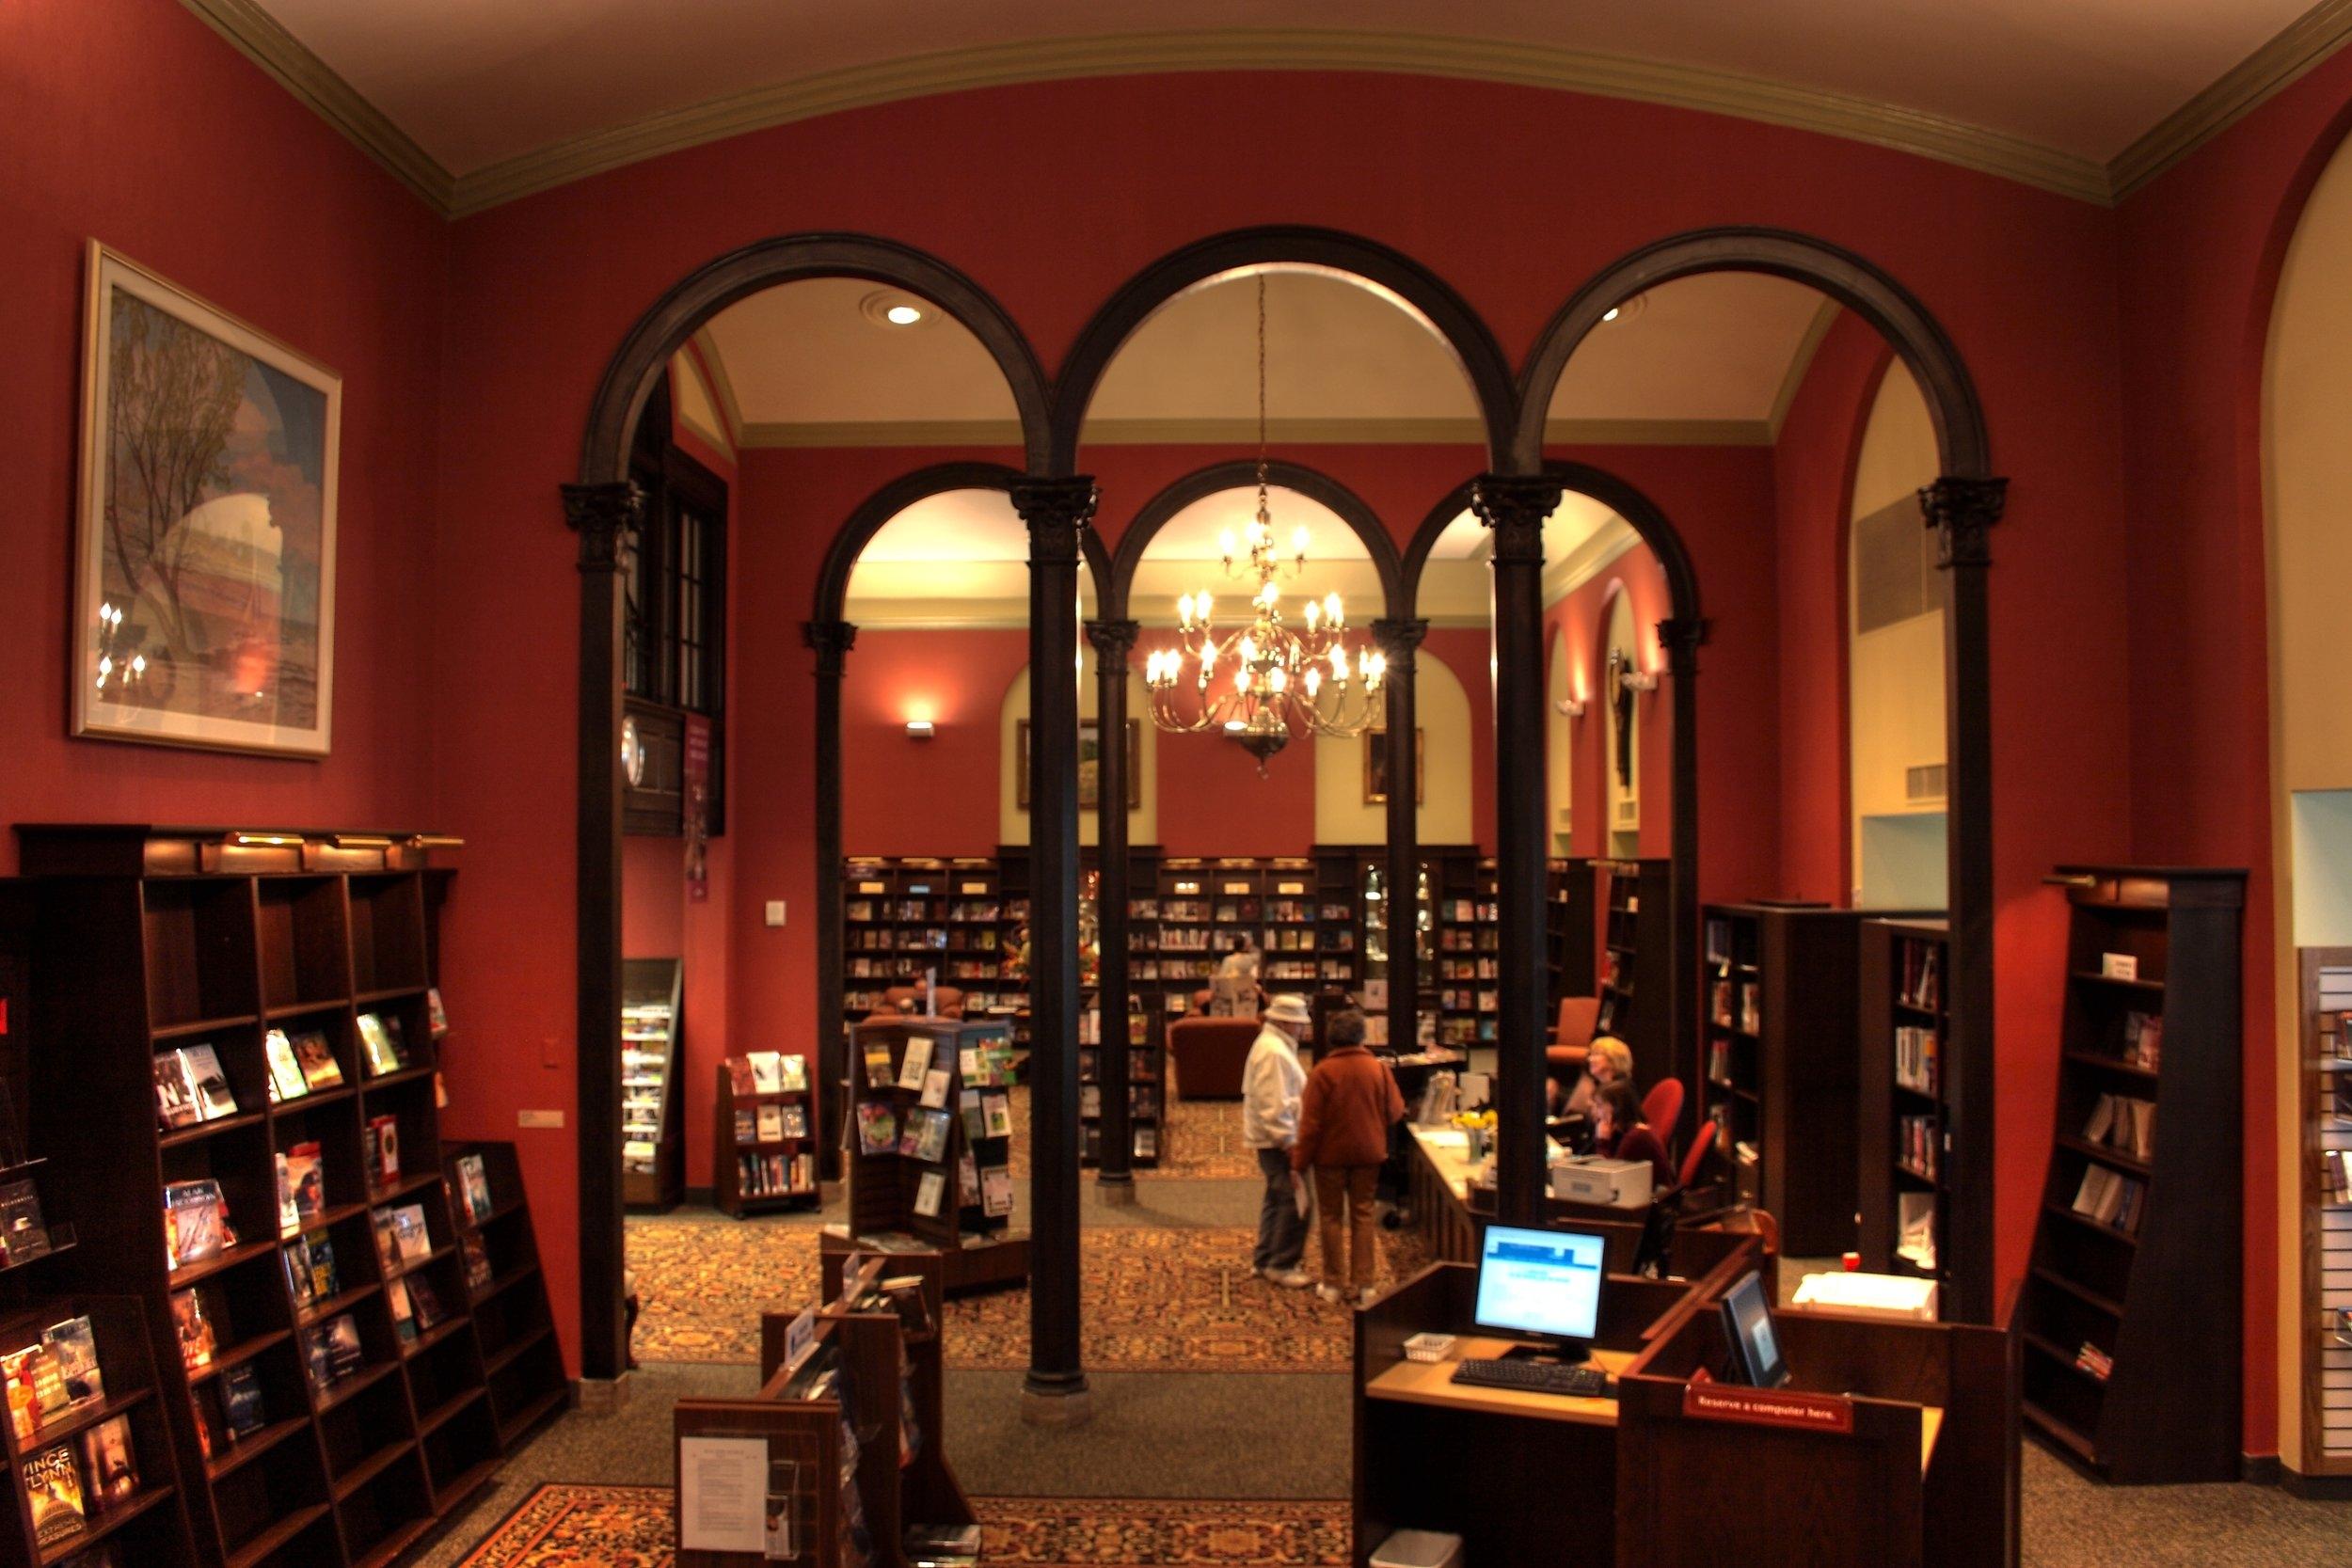 Rocky River Public Library - Rocky River, Ohio